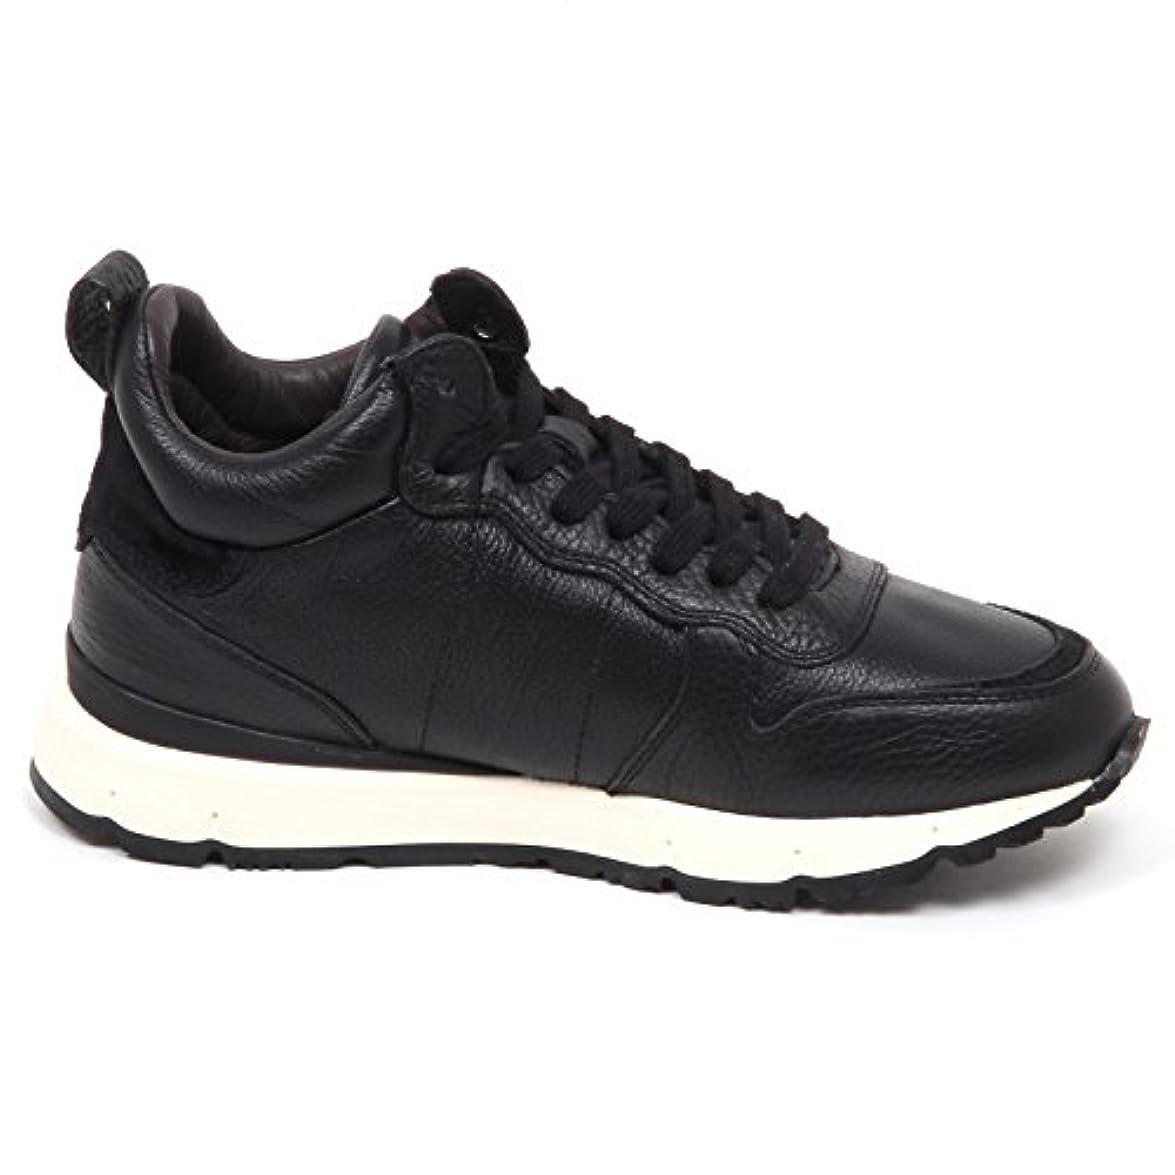 Woolrich E0516 Sneaker Donna Nero John Rich amp; Bros Shoe Woman